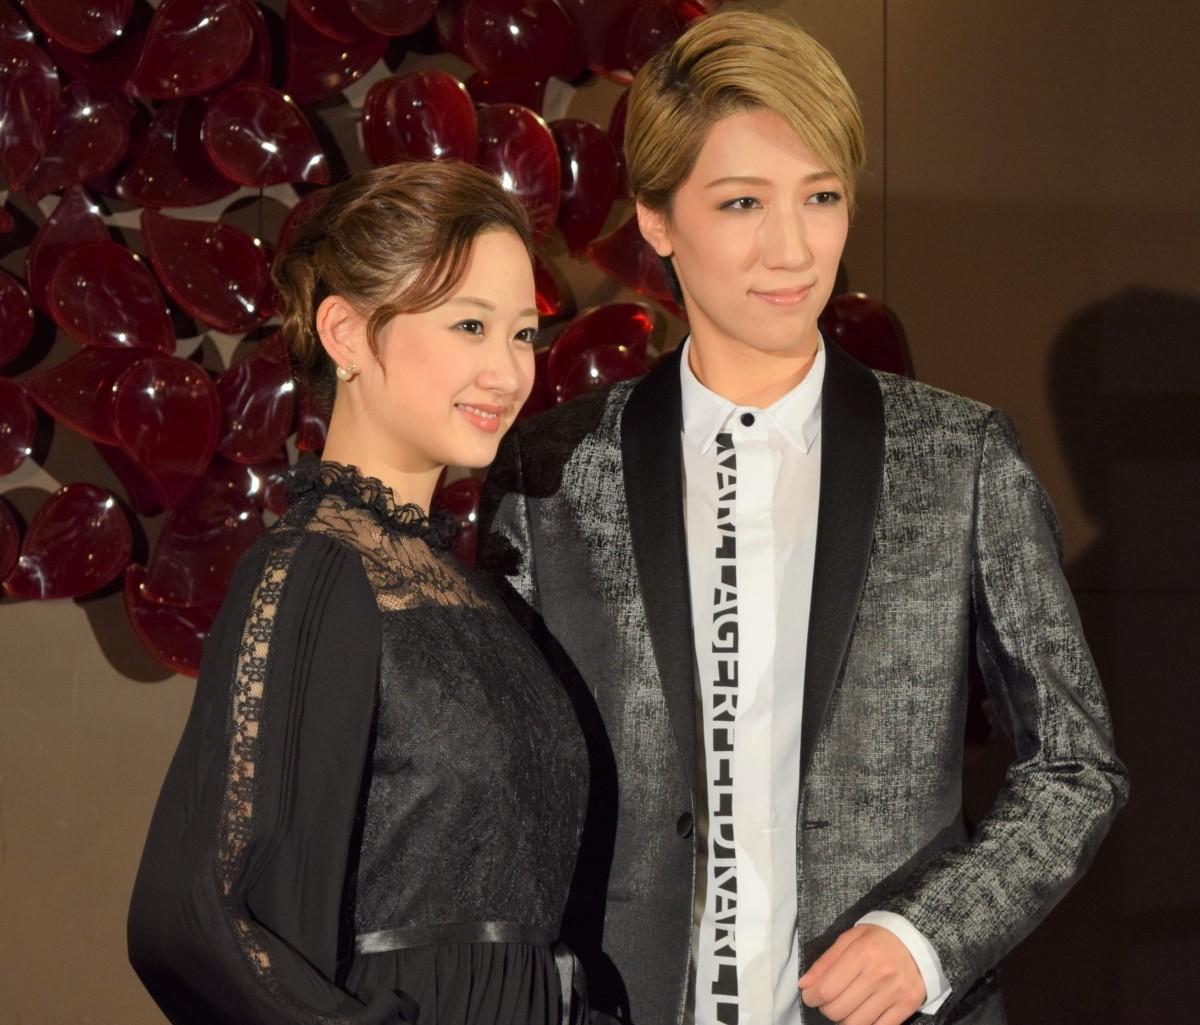 宝塚歌劇宙組のトップスター・真風涼帆さん(右)と娘役・星風まどかさん